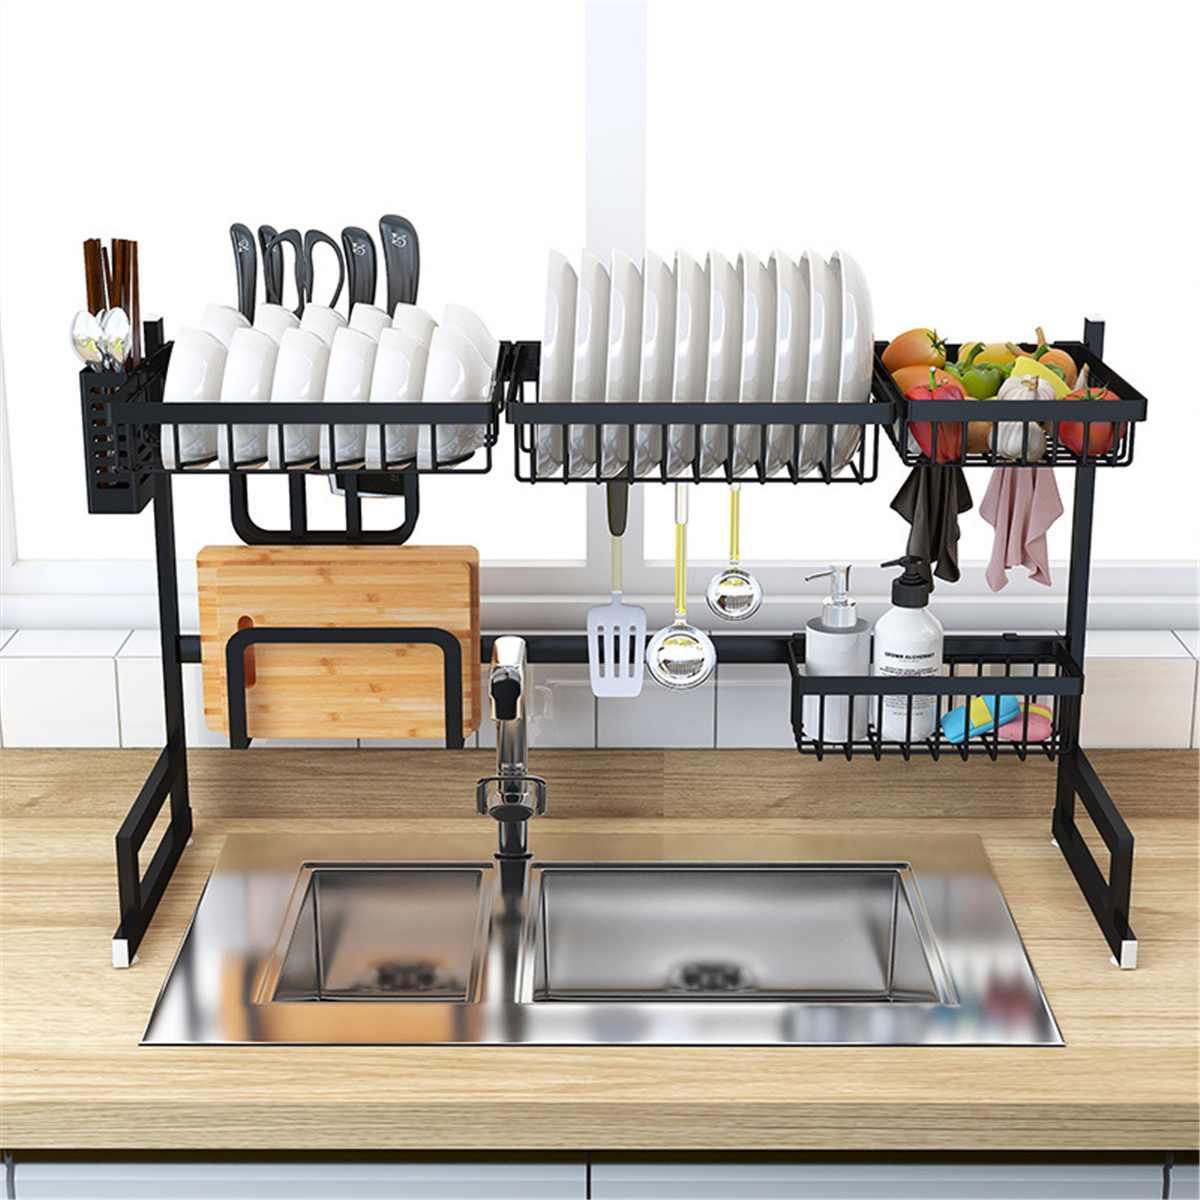 65/85cm sobre a pia de aço inoxidável cozinha prateleira armazenamento suportes tigela prato rack organizador utensílios suprimentos de armazenamento em preto